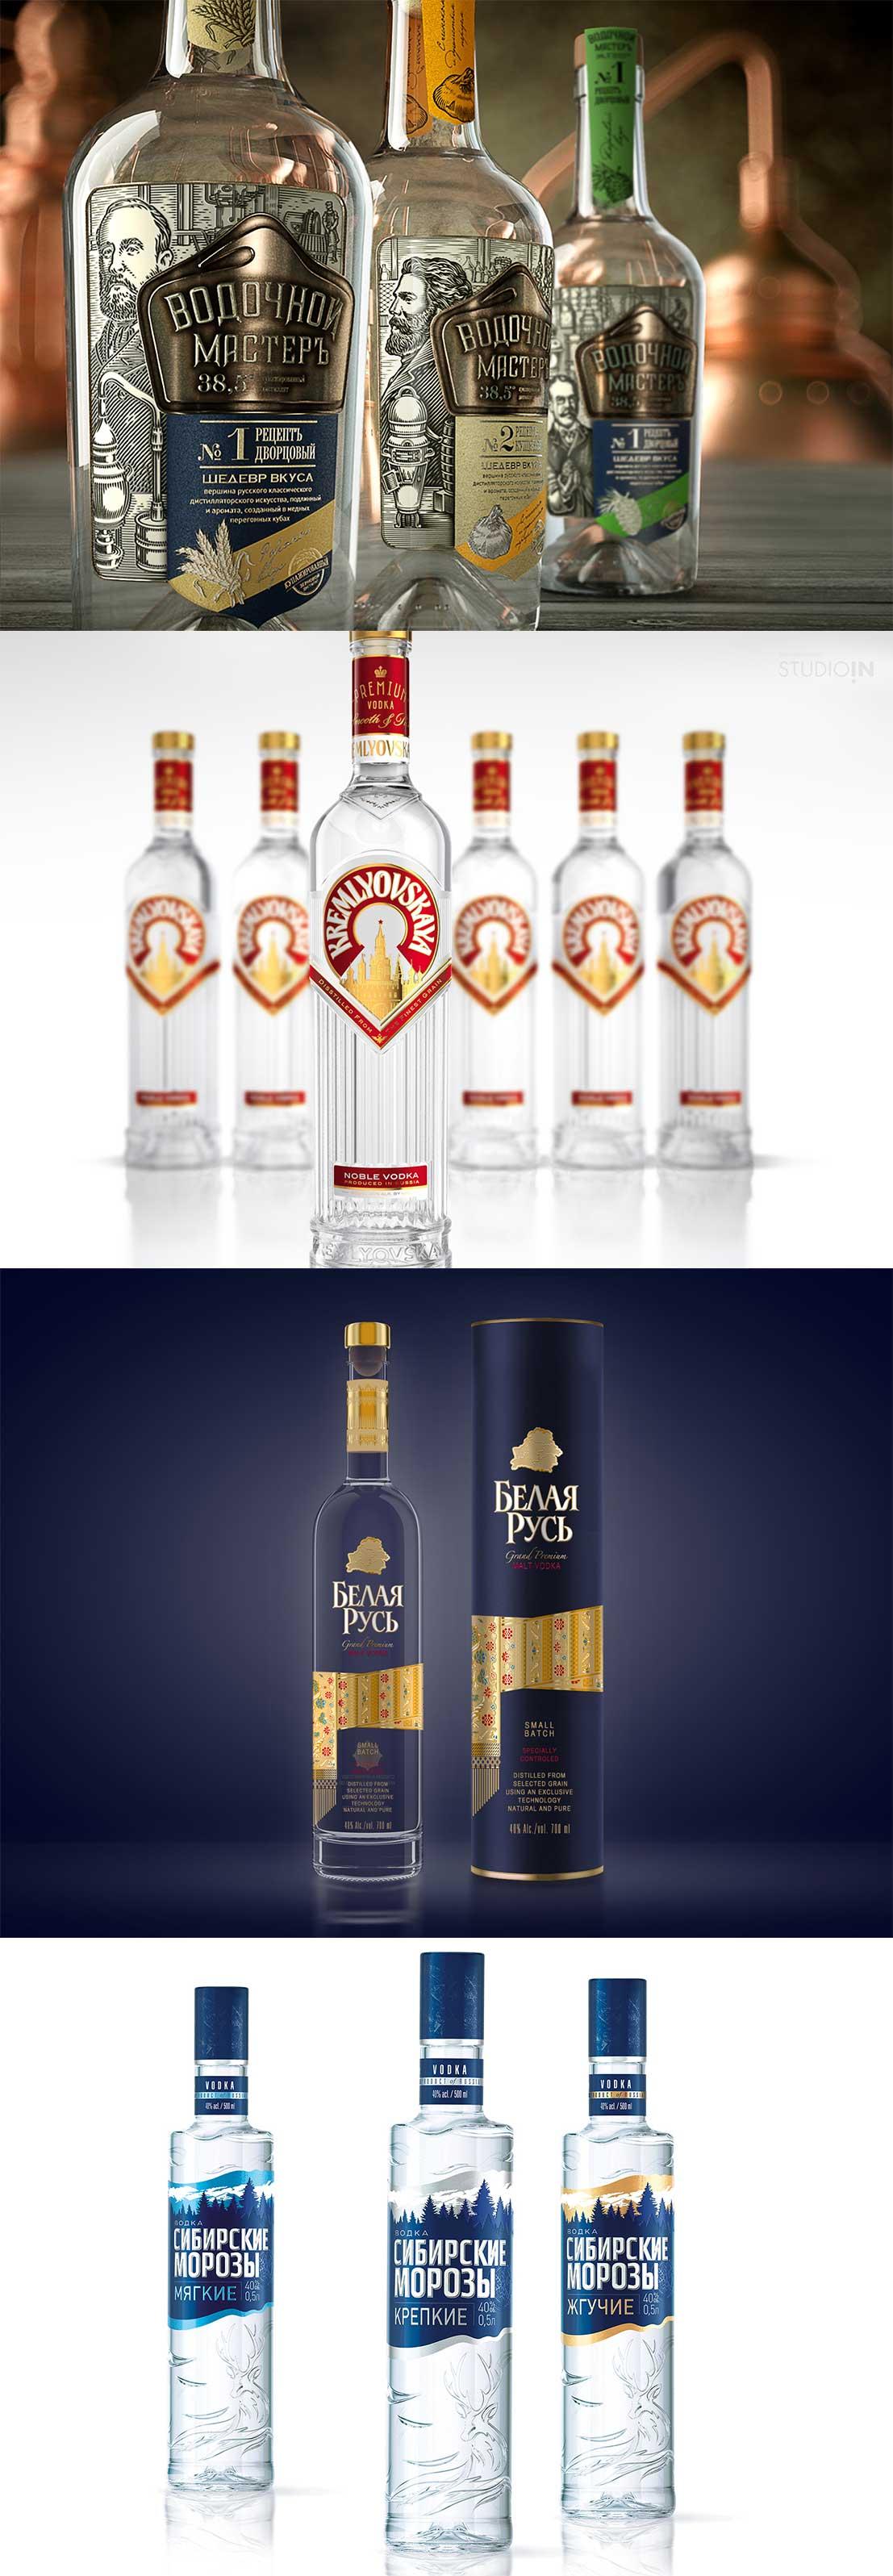 वोदका की बोतल डिजाइन